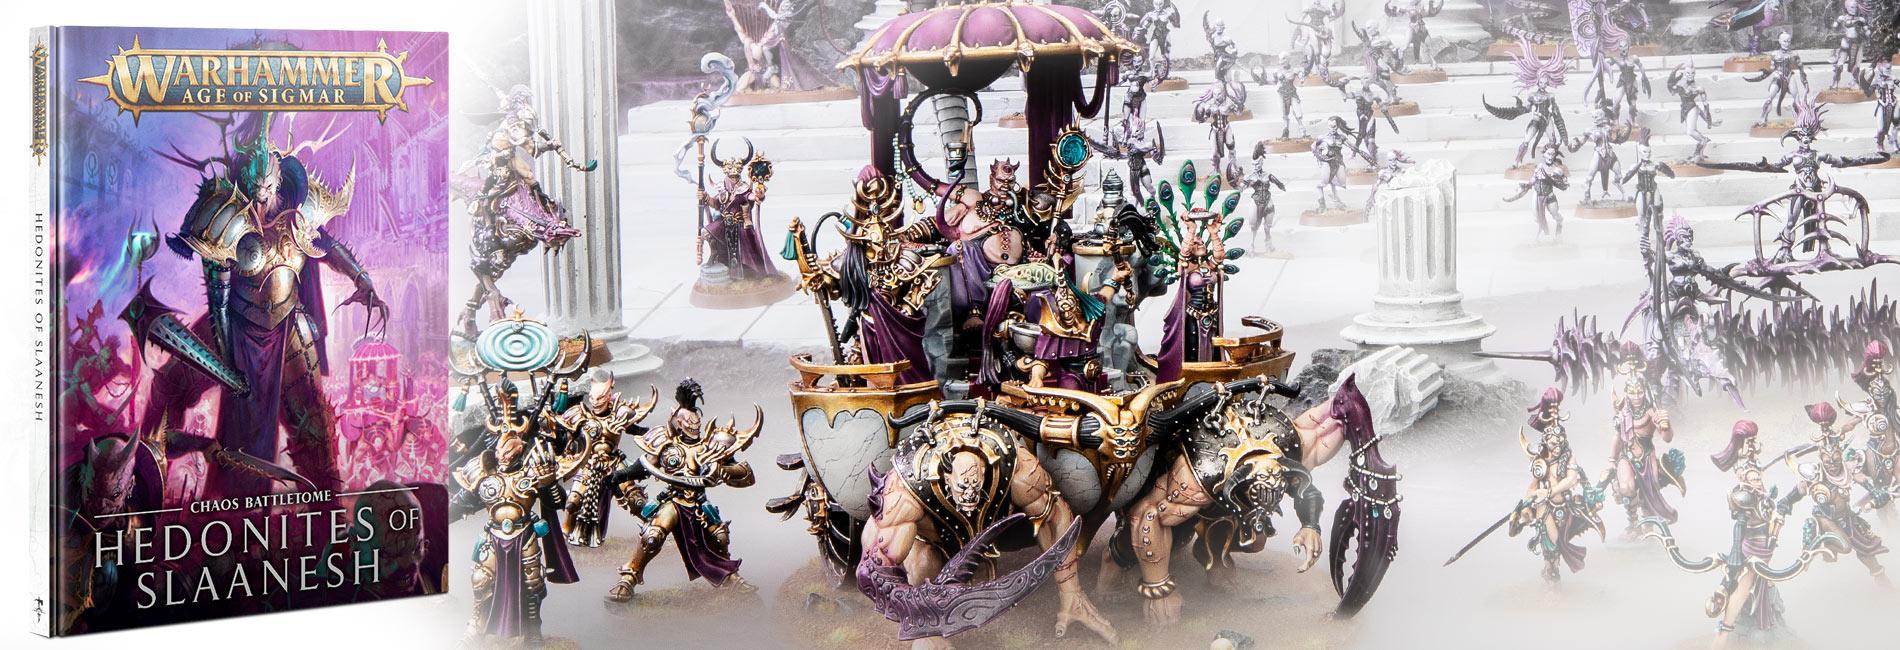 Hedonites of Slaanesh Warscroll Cards OOP